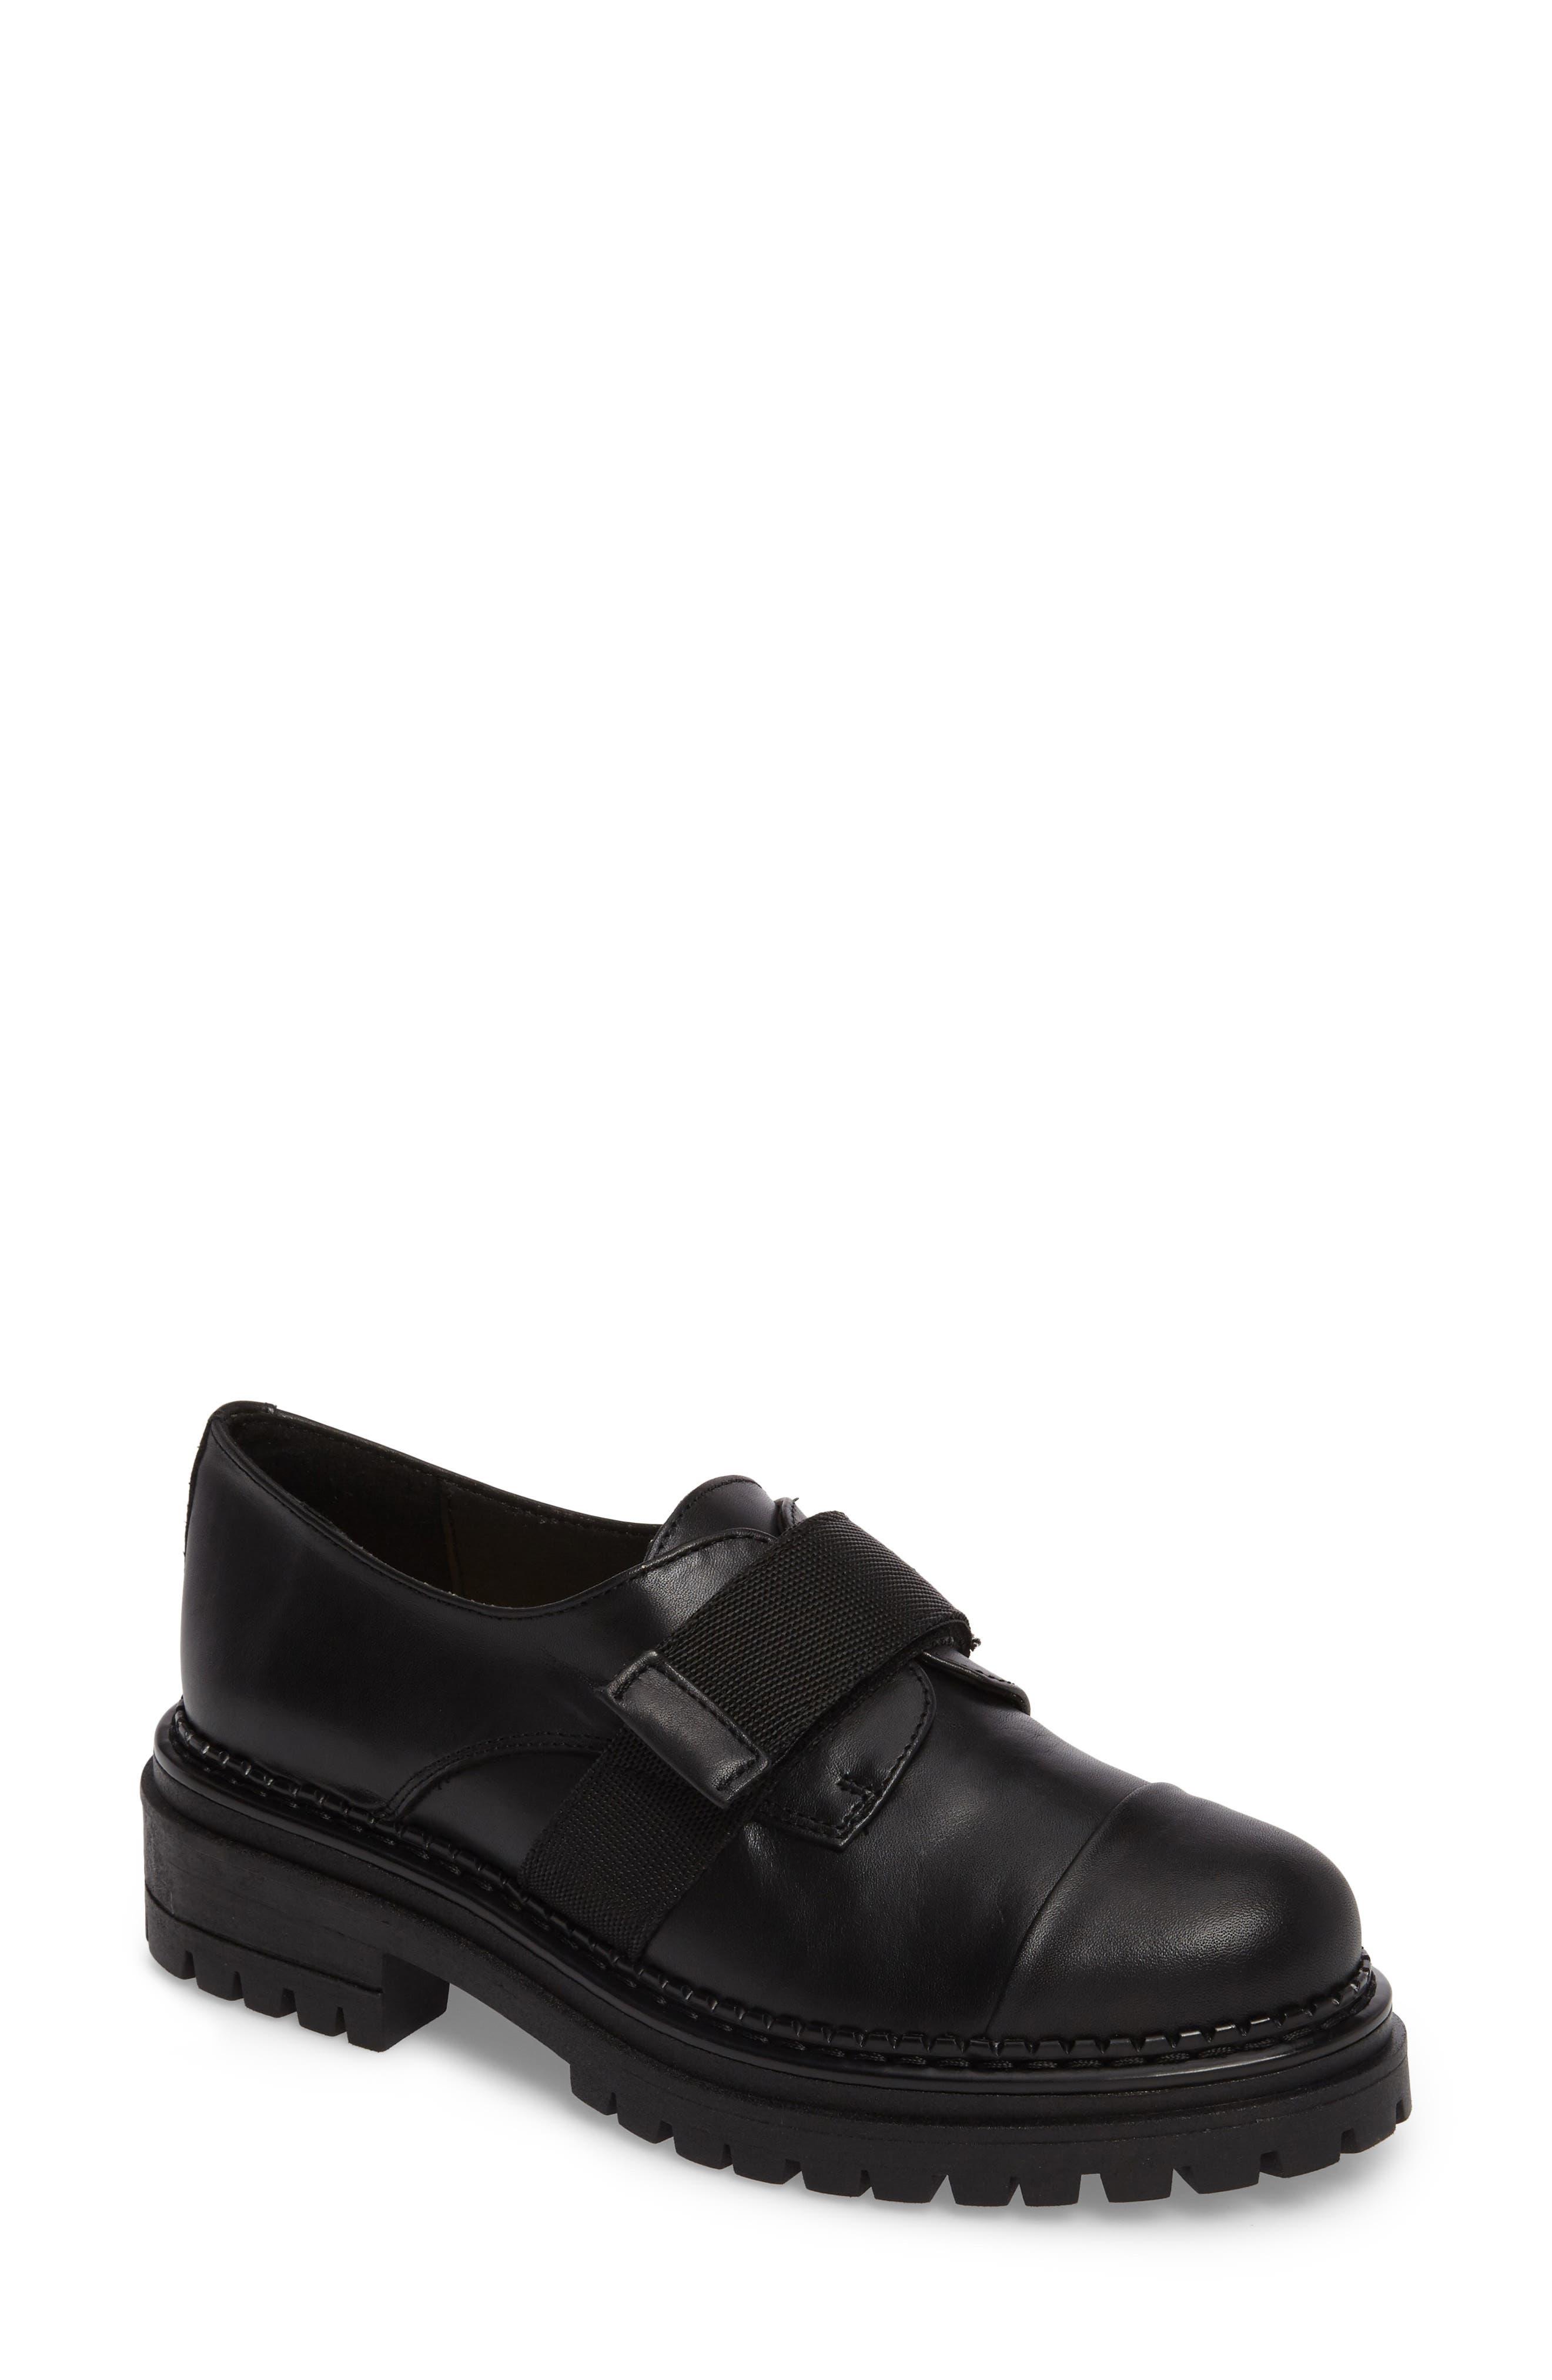 Keeper Lug Sole Loafer,                         Main,                         color, Black